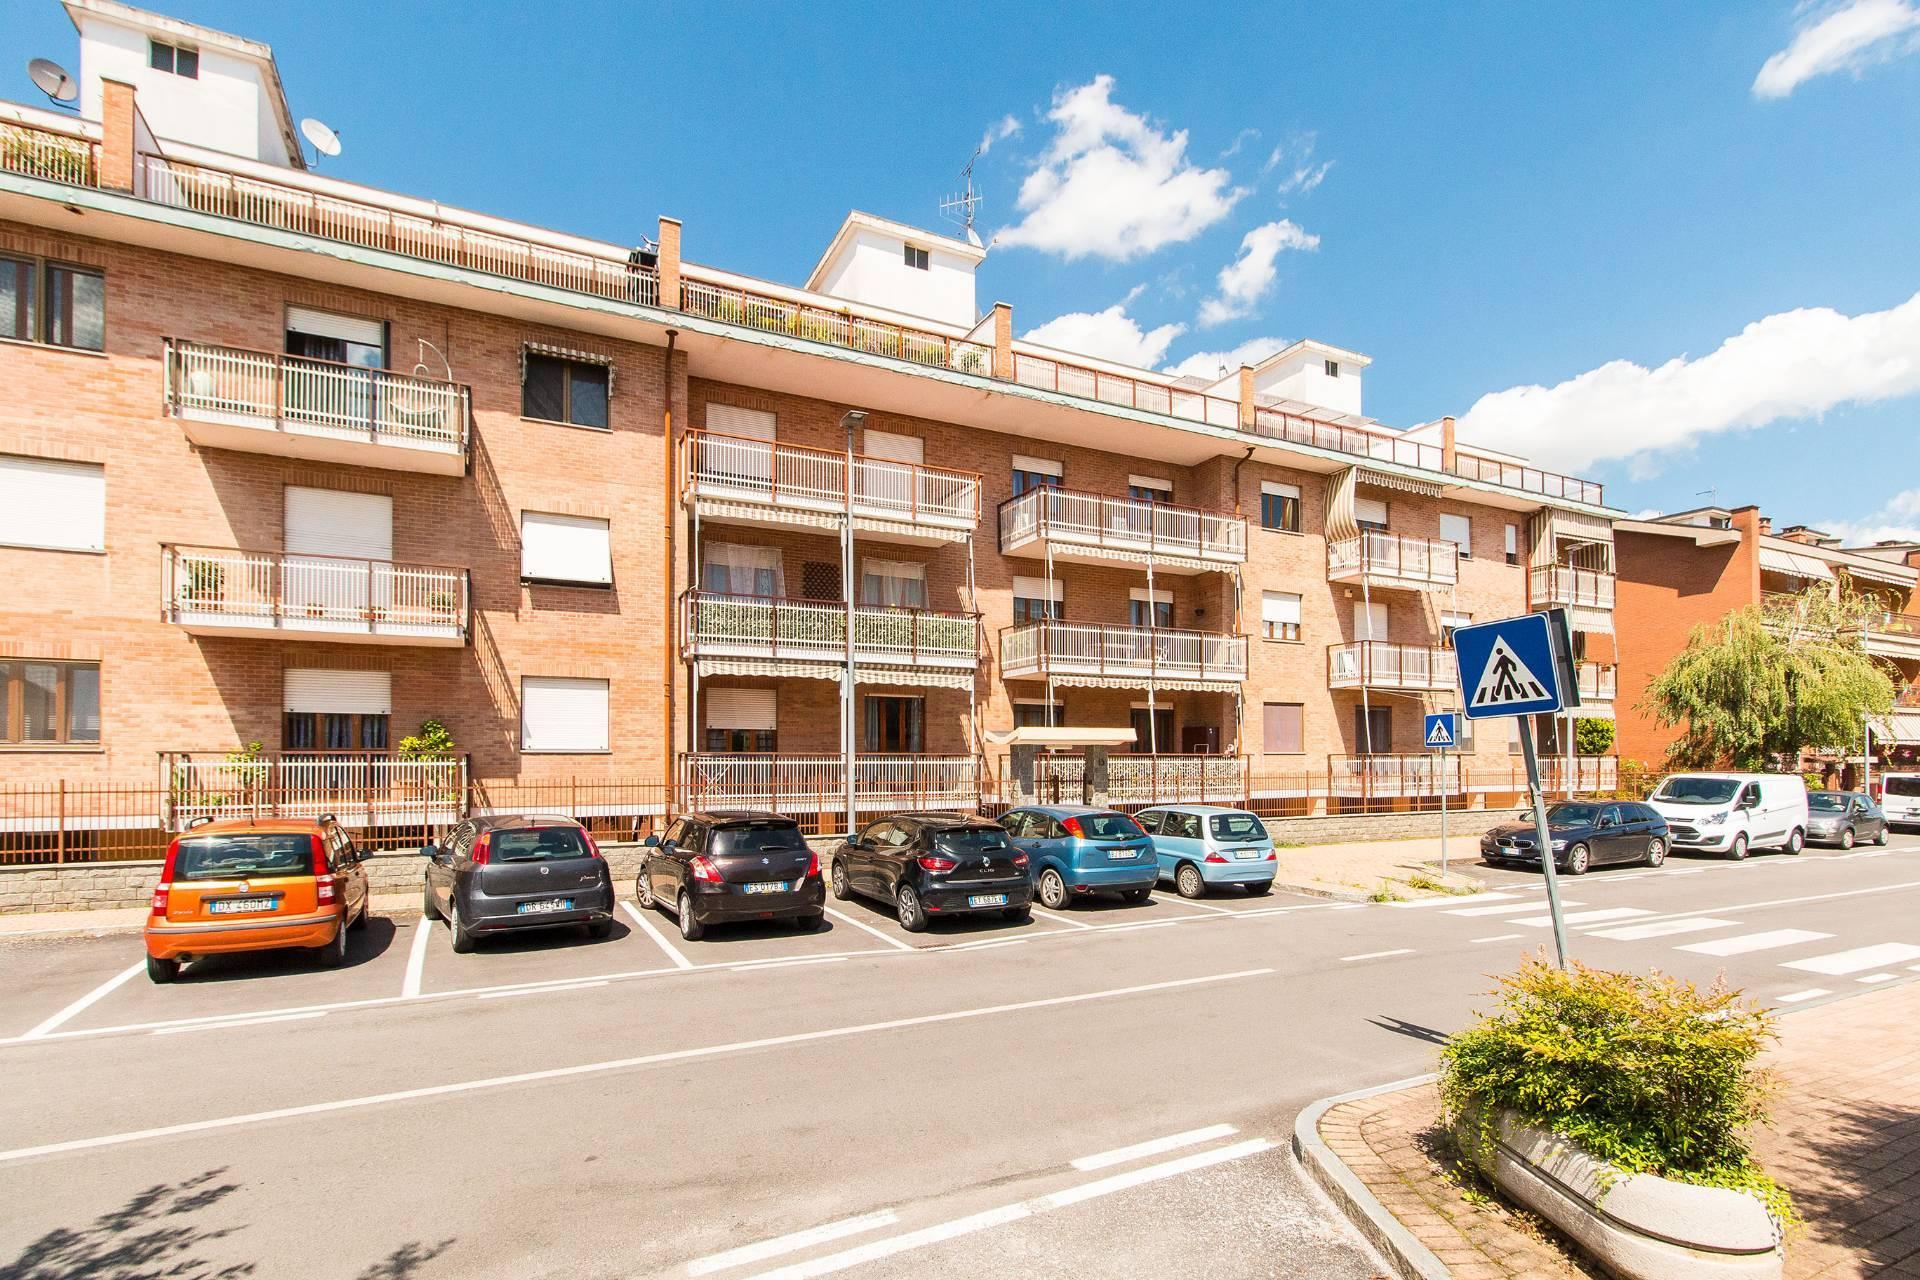 Appartamento in vendita a Vinovo, 4 locali, zona ro, prezzo € 190.000 | PortaleAgenzieImmobiliari.it